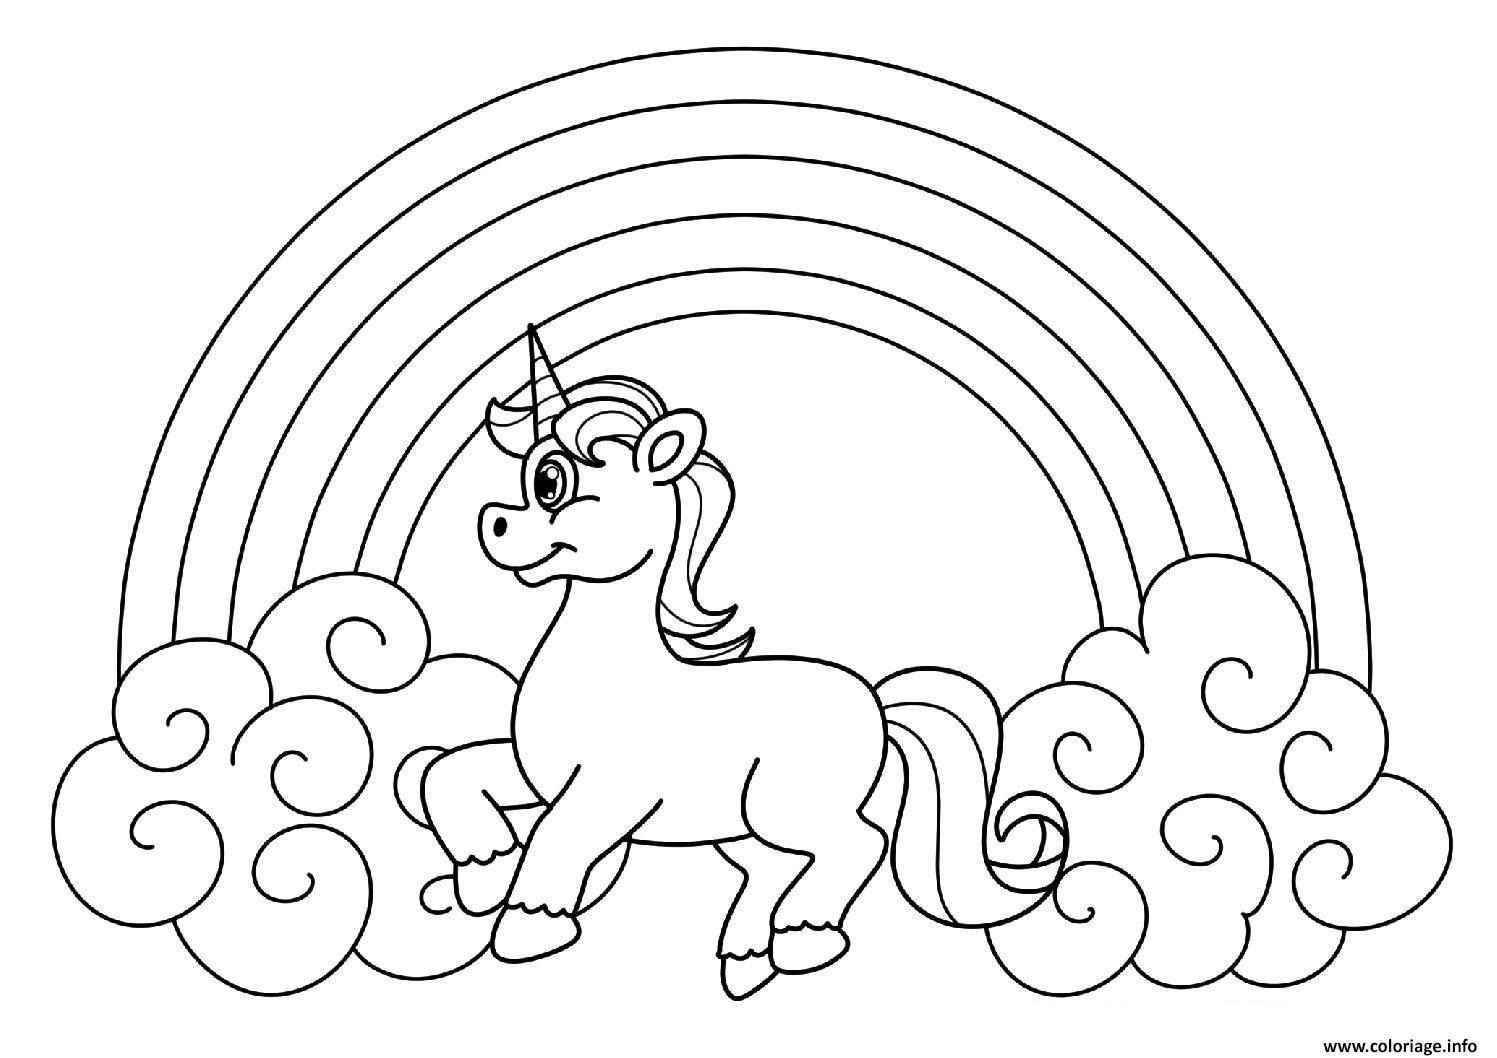 Coloriage licorne arc en ciel à imprimer en 2020 (avec images) | Arc en ciel dessin, Licorne ...